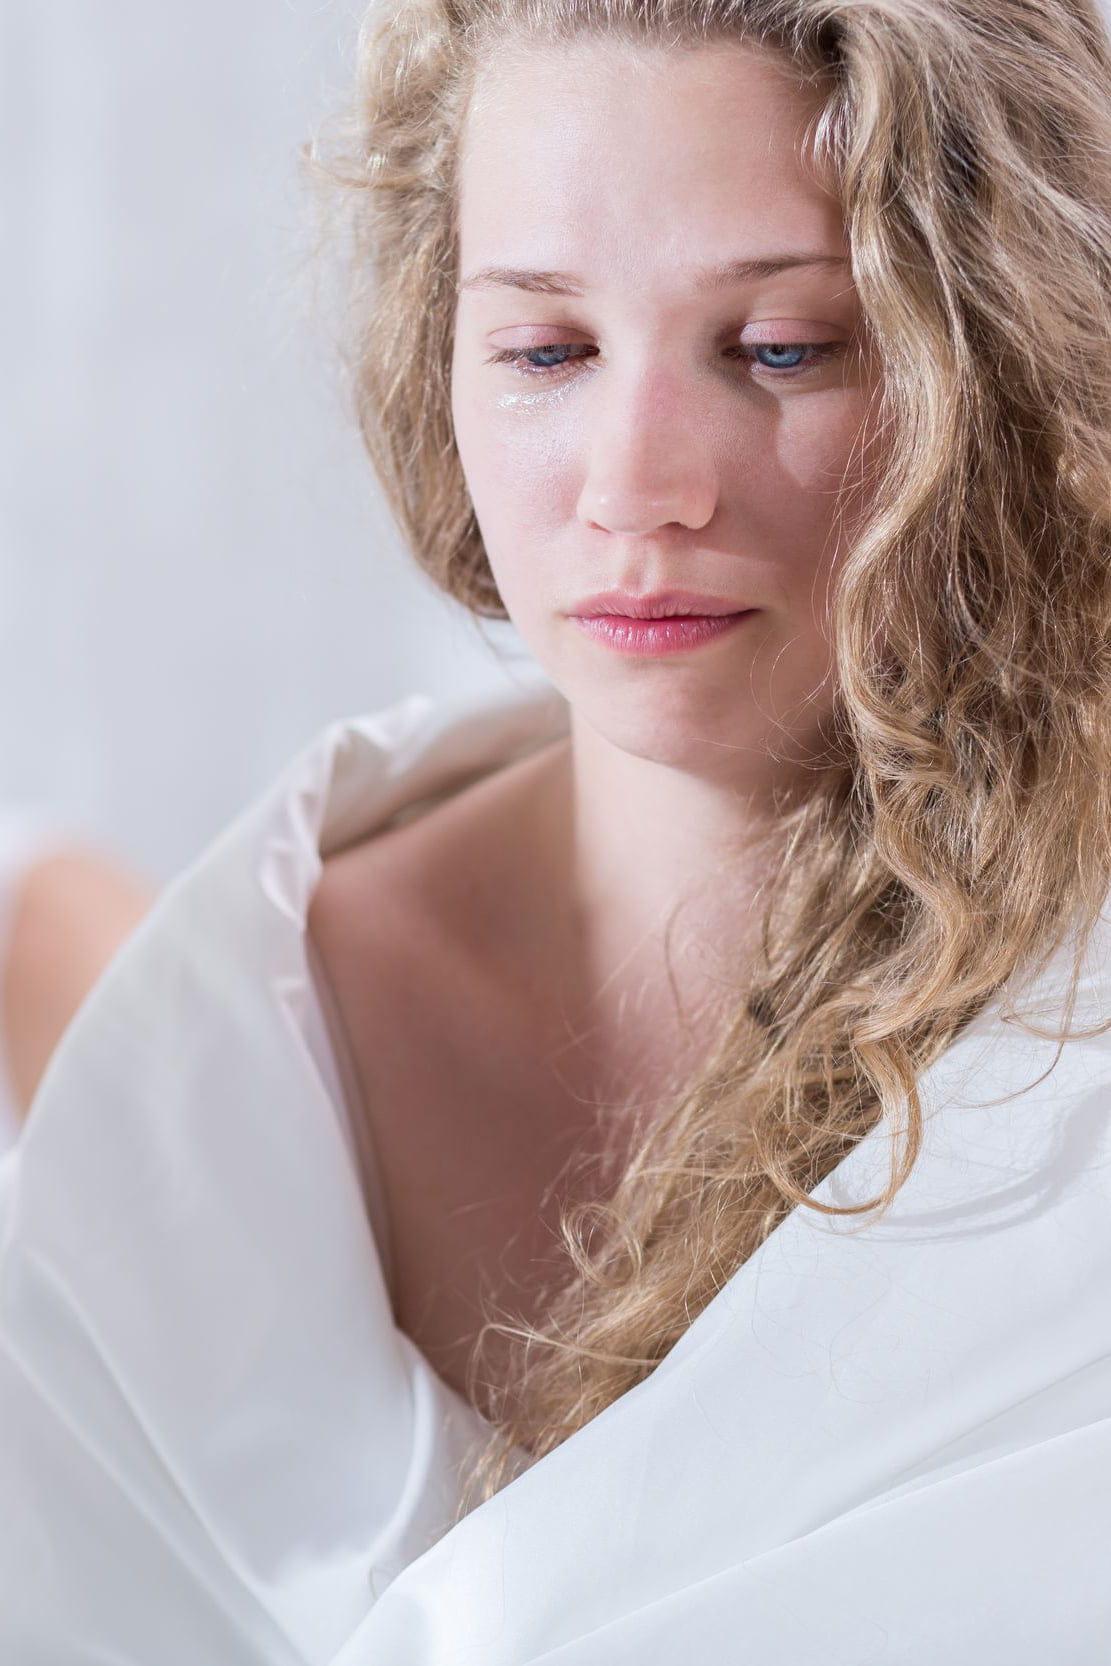 Wemen noir ayant des rapports sexuels Anal puis vaginal sexe